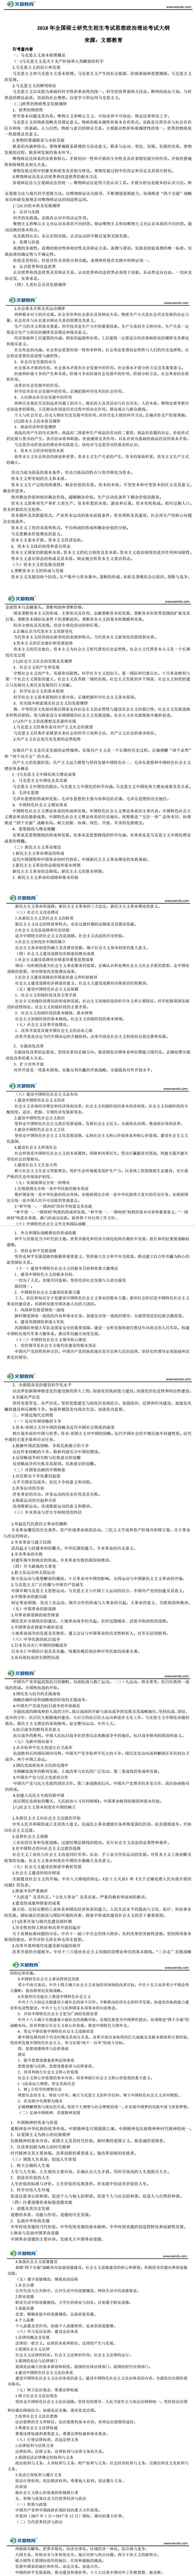 2019考研政治大纲原文(完整版)